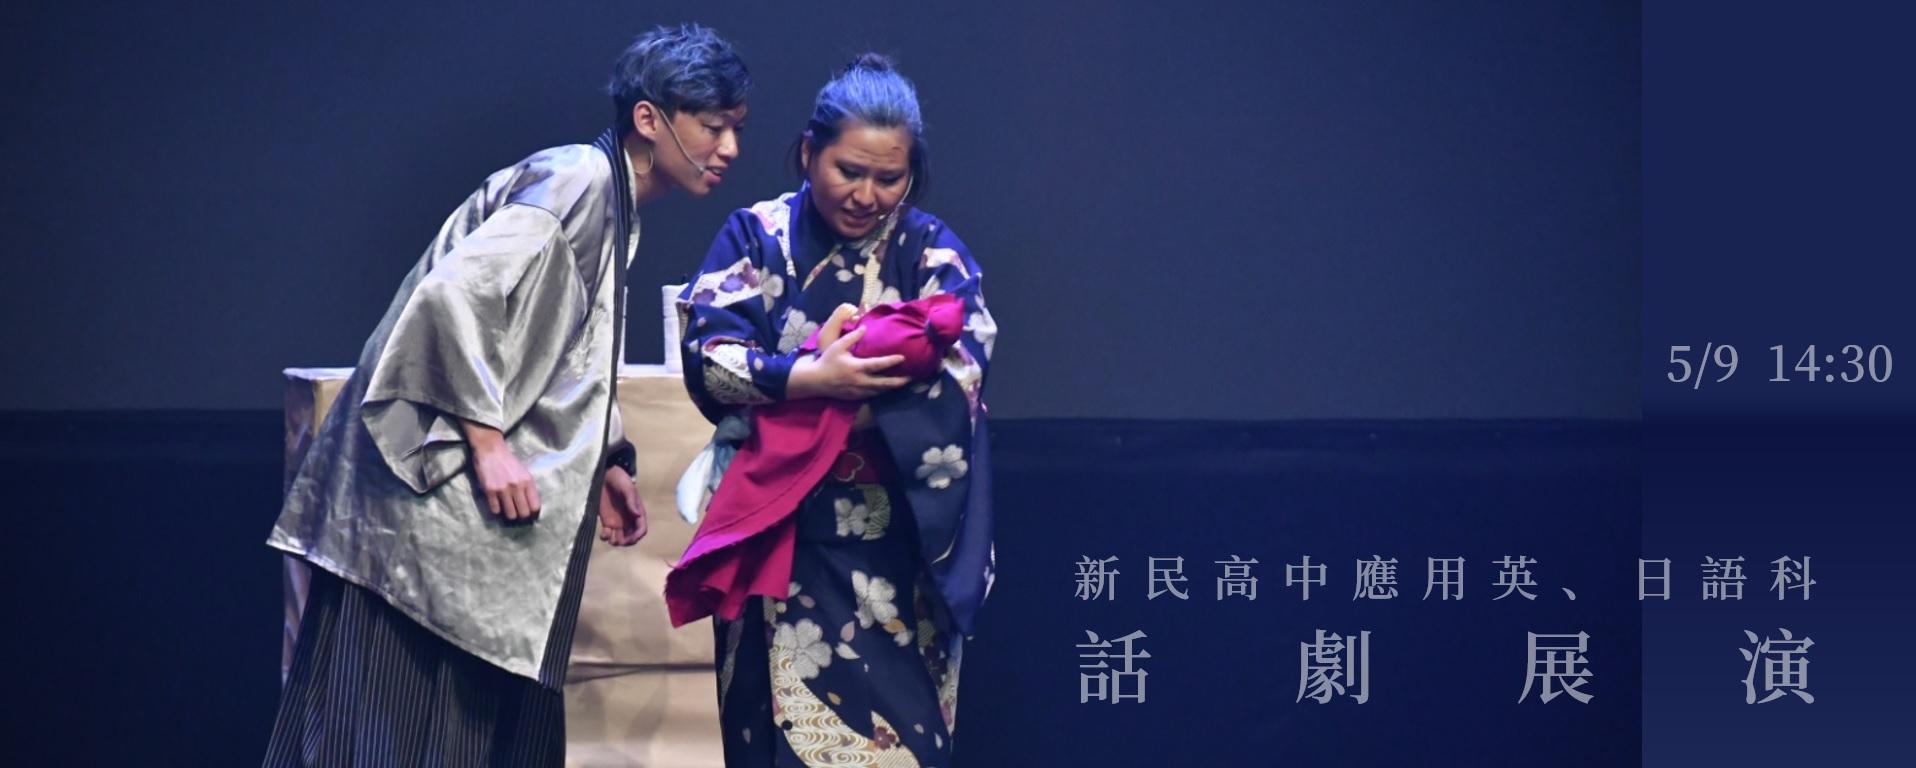 臺中市私立新民高級中學應用英、日語科戲劇展演〈新民夢幻花園〉